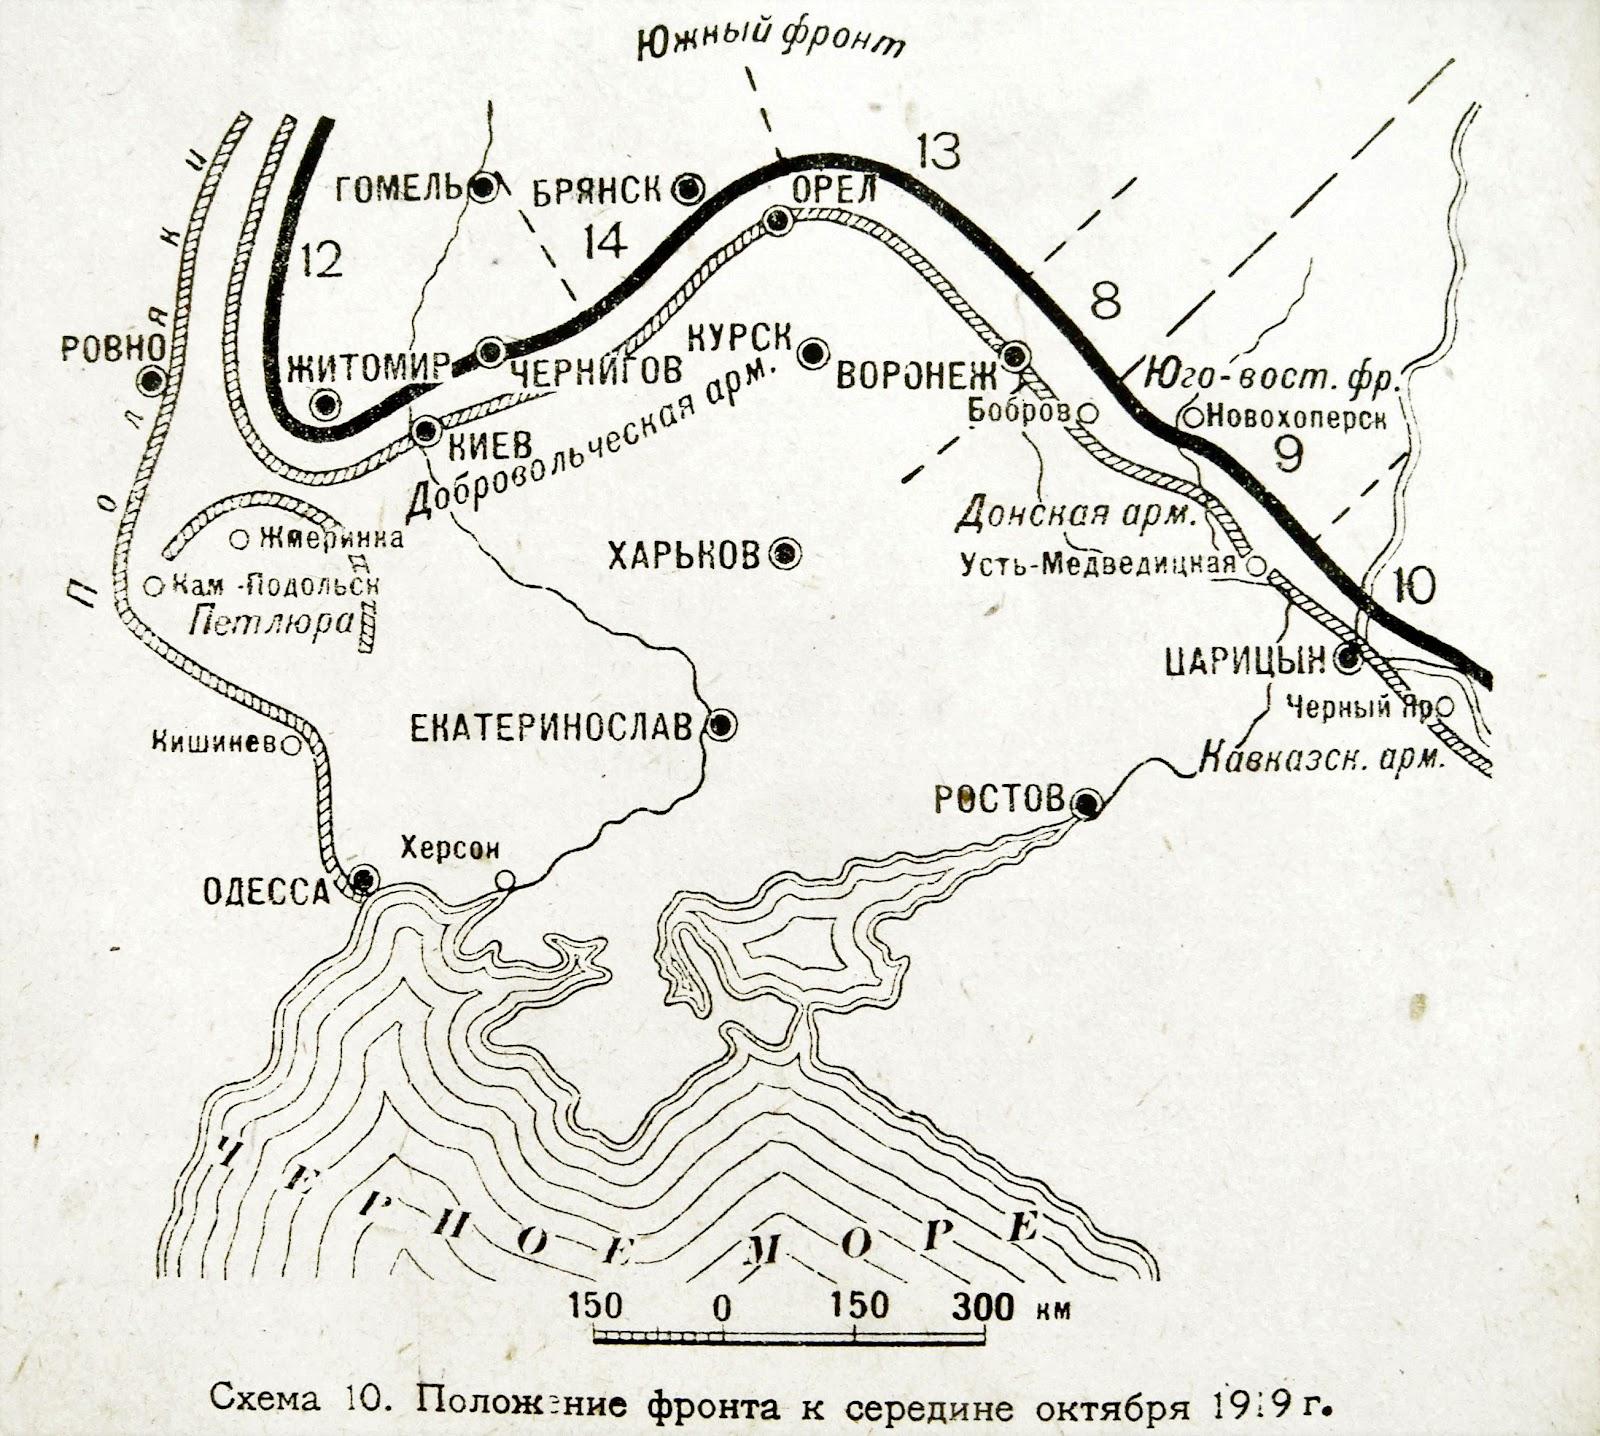 """Становище фронтів на середину жовтня 1919-го. Мапа з книги О. І. Єгорова """"Разгром Деникина, 1919"""" (М., 1931)"""